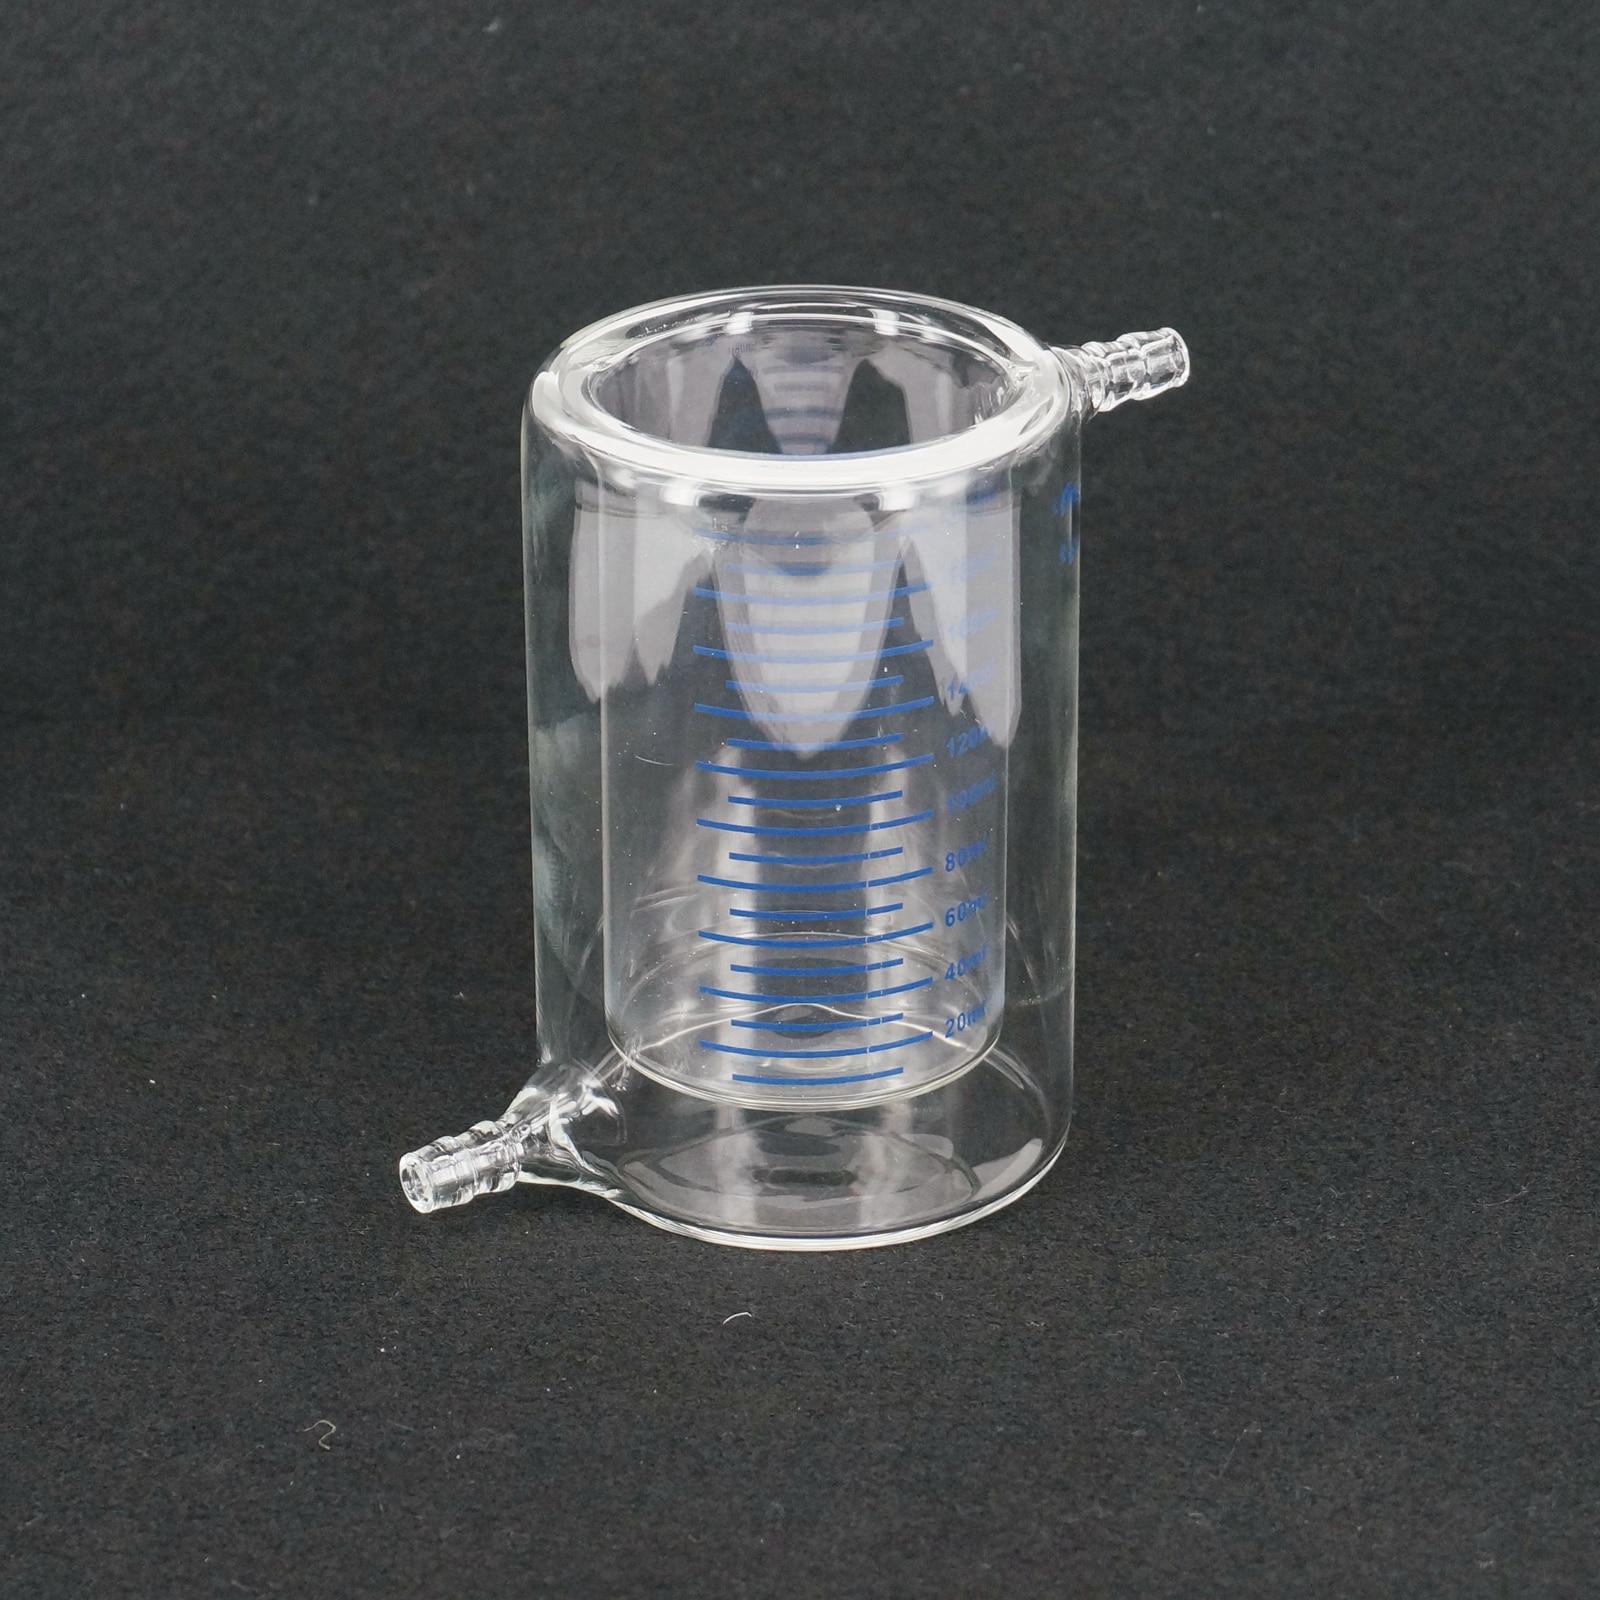 200 ml Rivestiti di Laboratorio Borosilicato Bicchiere di Vetro Doppio Strato Becher per Esperimento Fotocatalitico LIBERA LA NAVE200 ml Rivestiti di Laboratorio Borosilicato Bicchiere di Vetro Doppio Strato Becher per Esperimento Fotocatalitico LIBERA LA NAVE